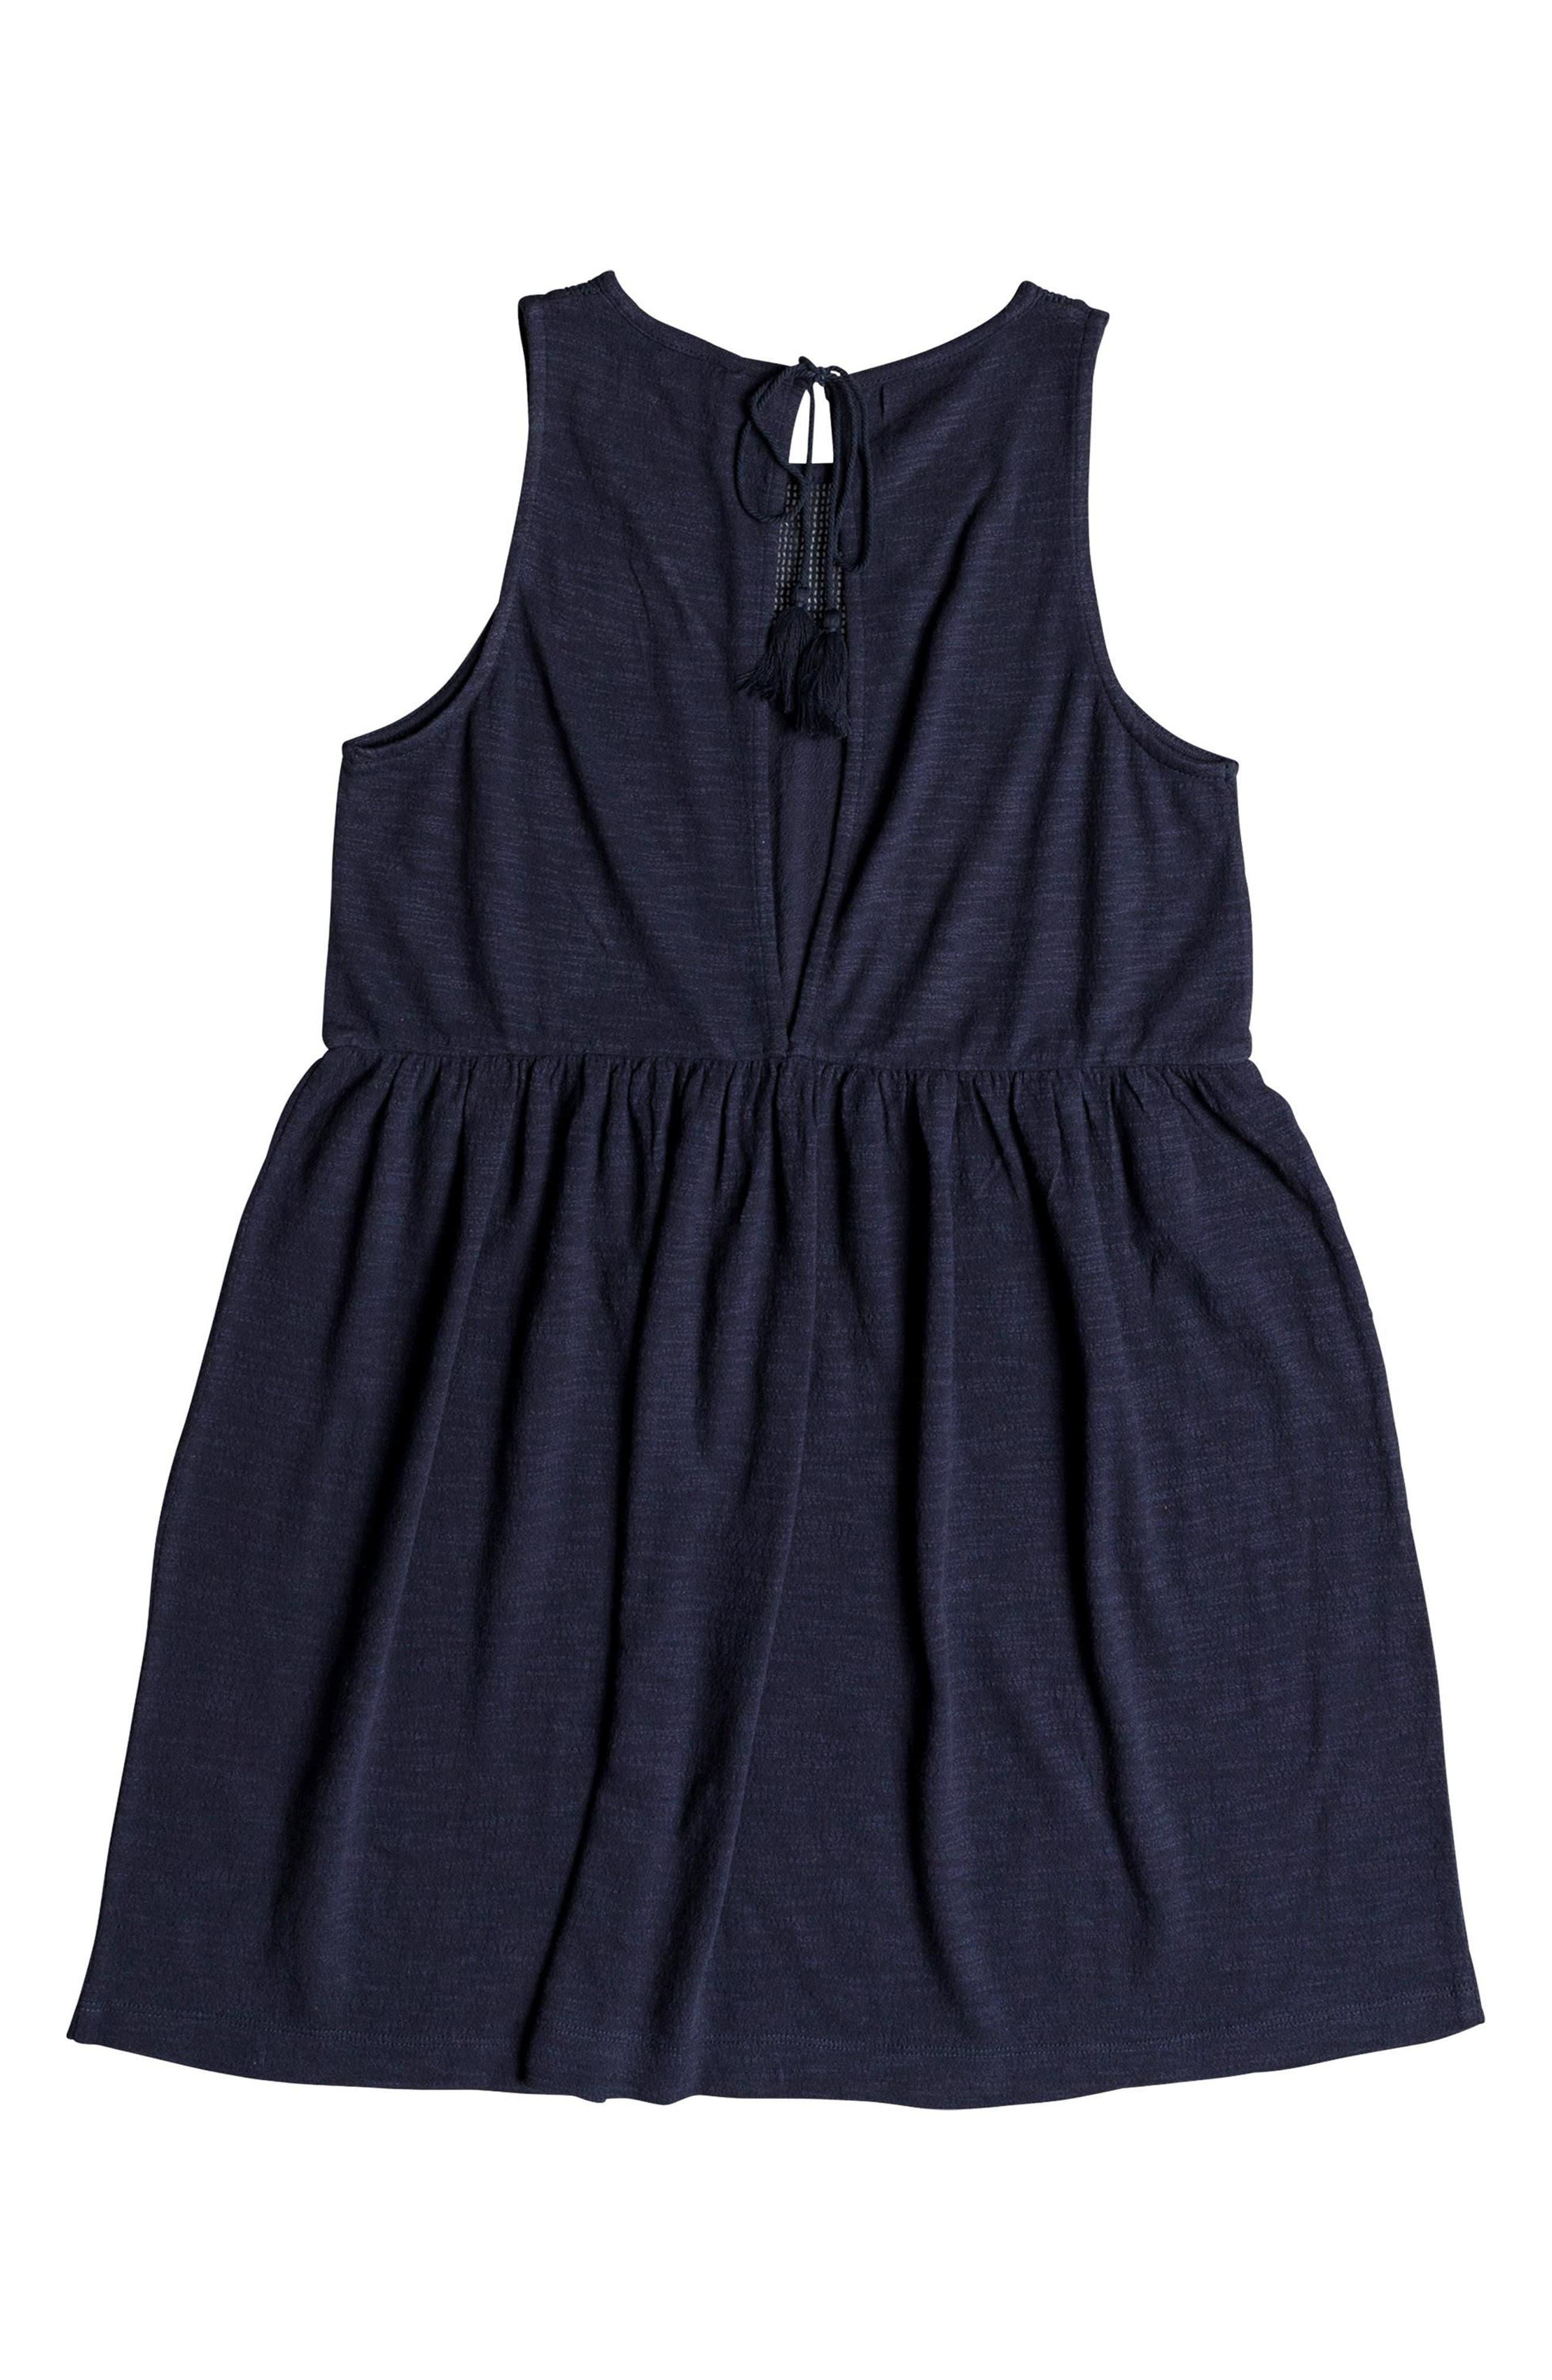 Tucson Cotton Dress,                             Alternate thumbnail 16, color,